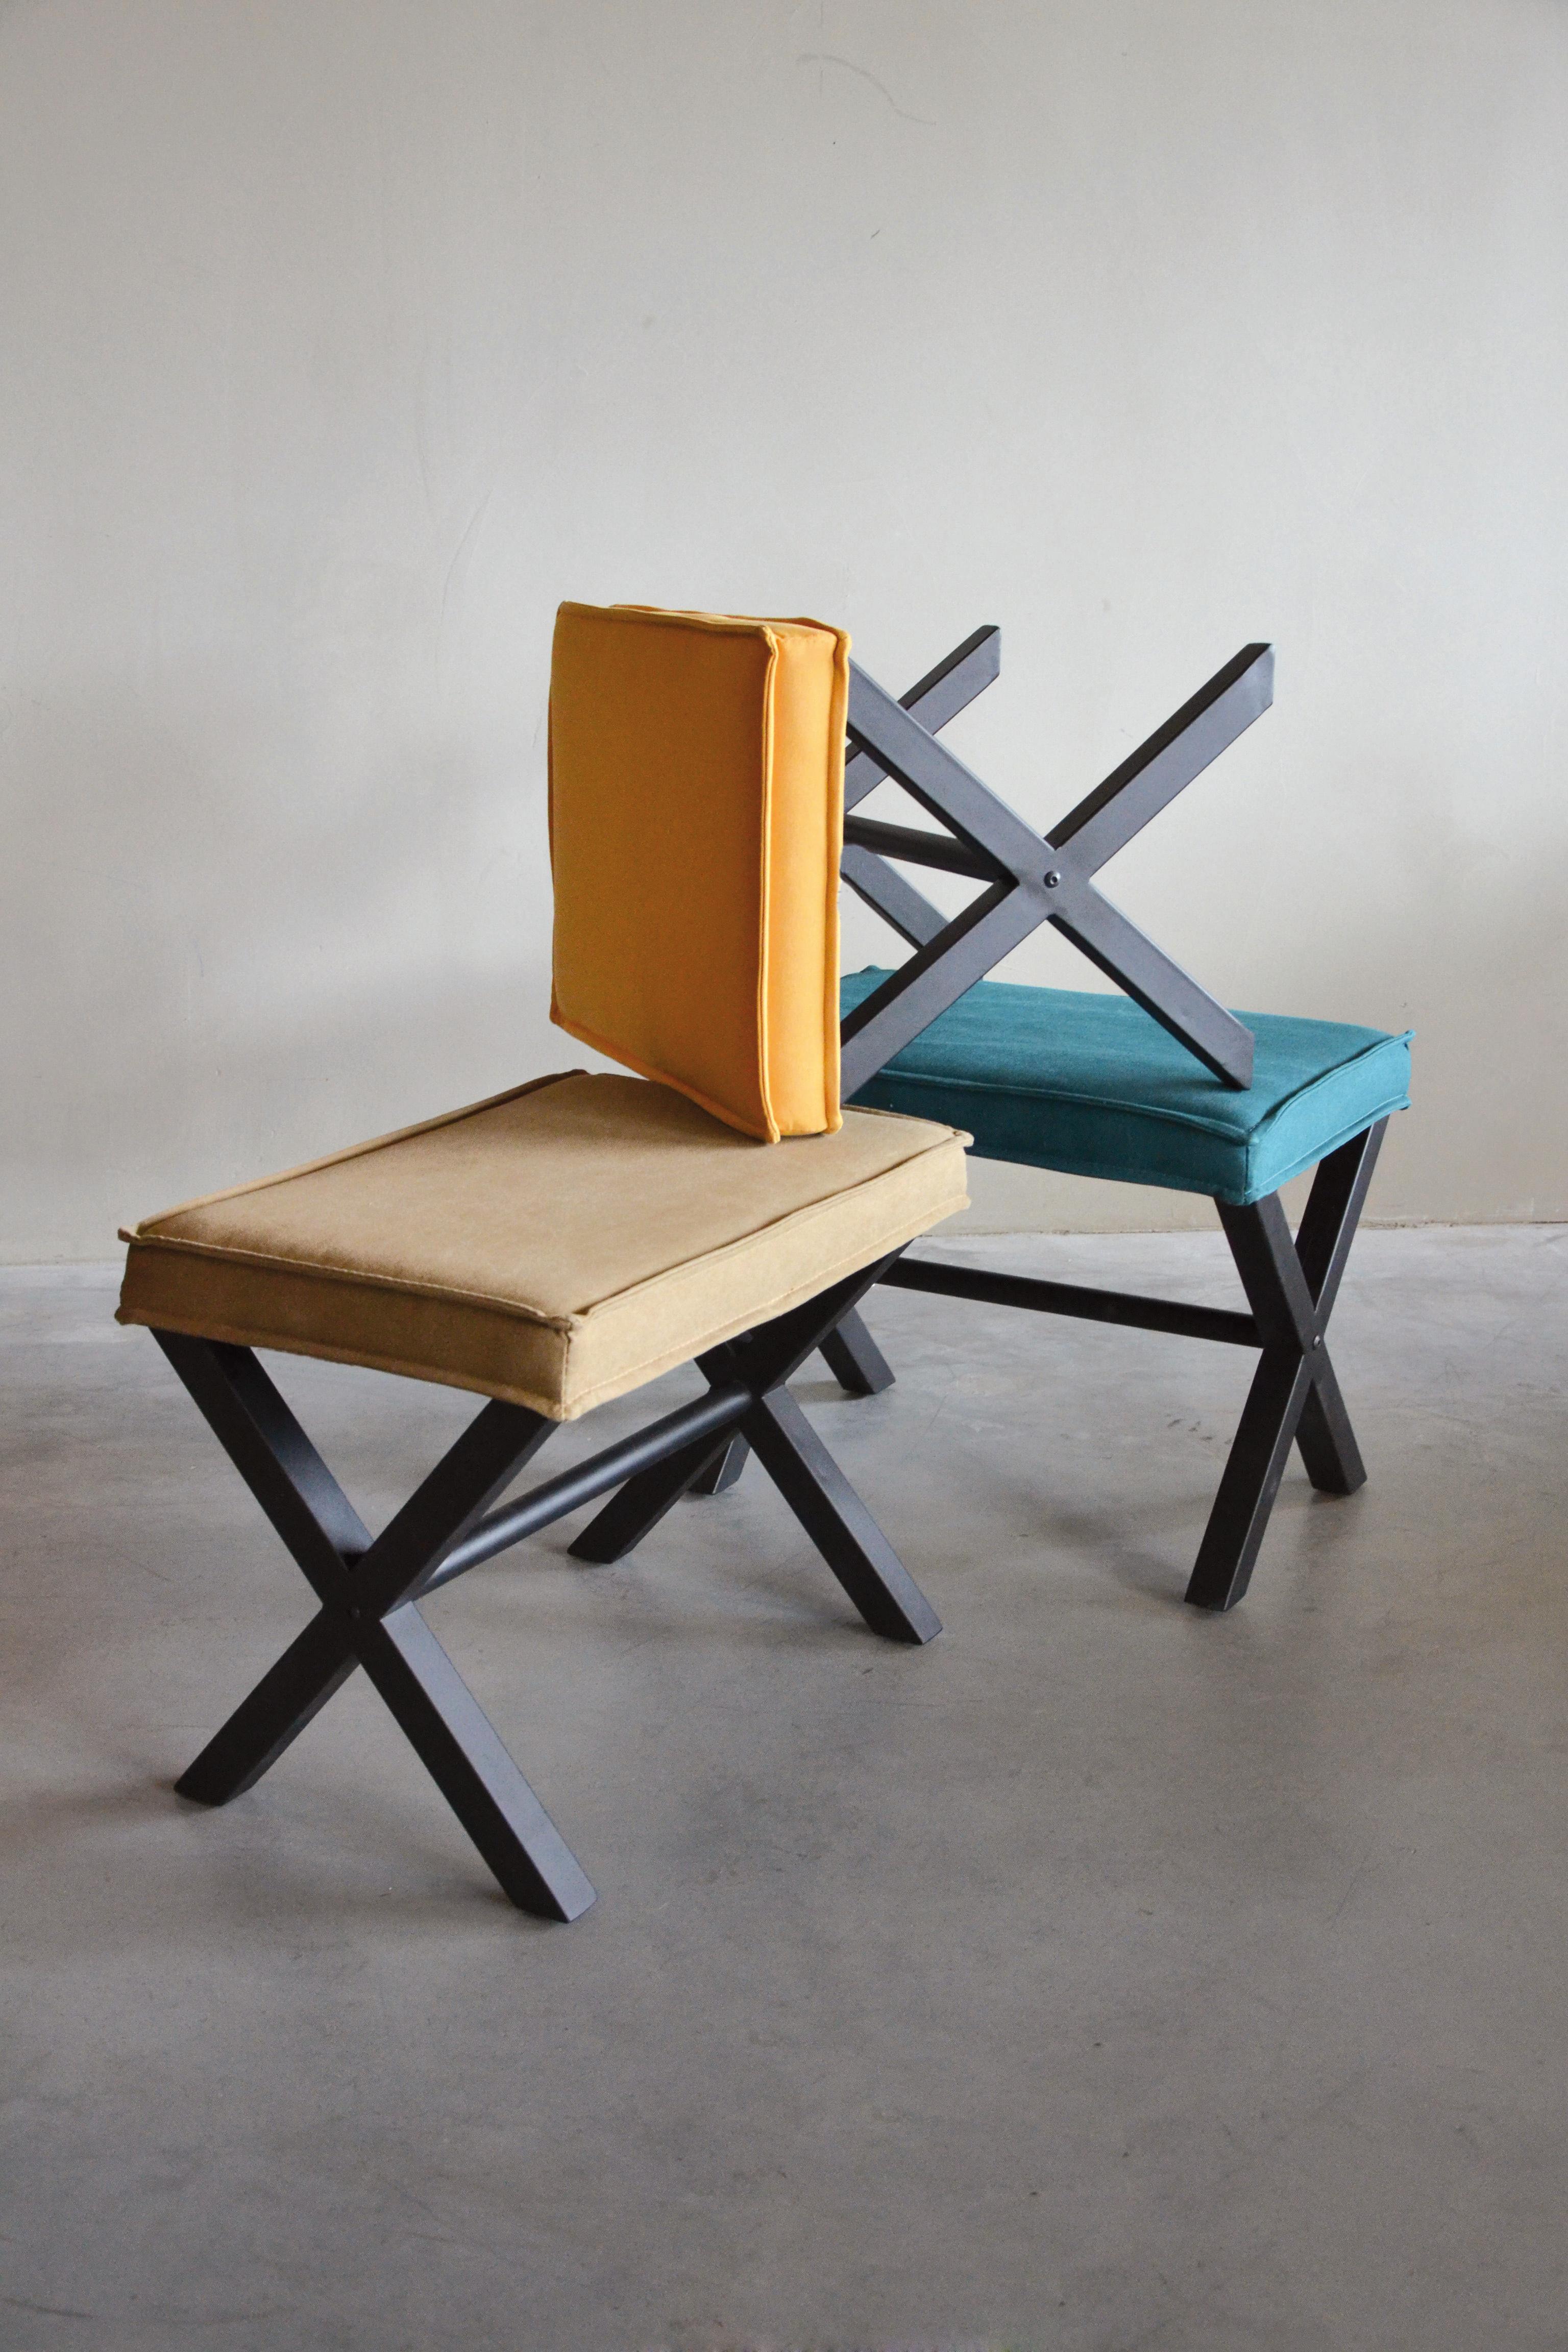 DUTSH xross stools bewerkt